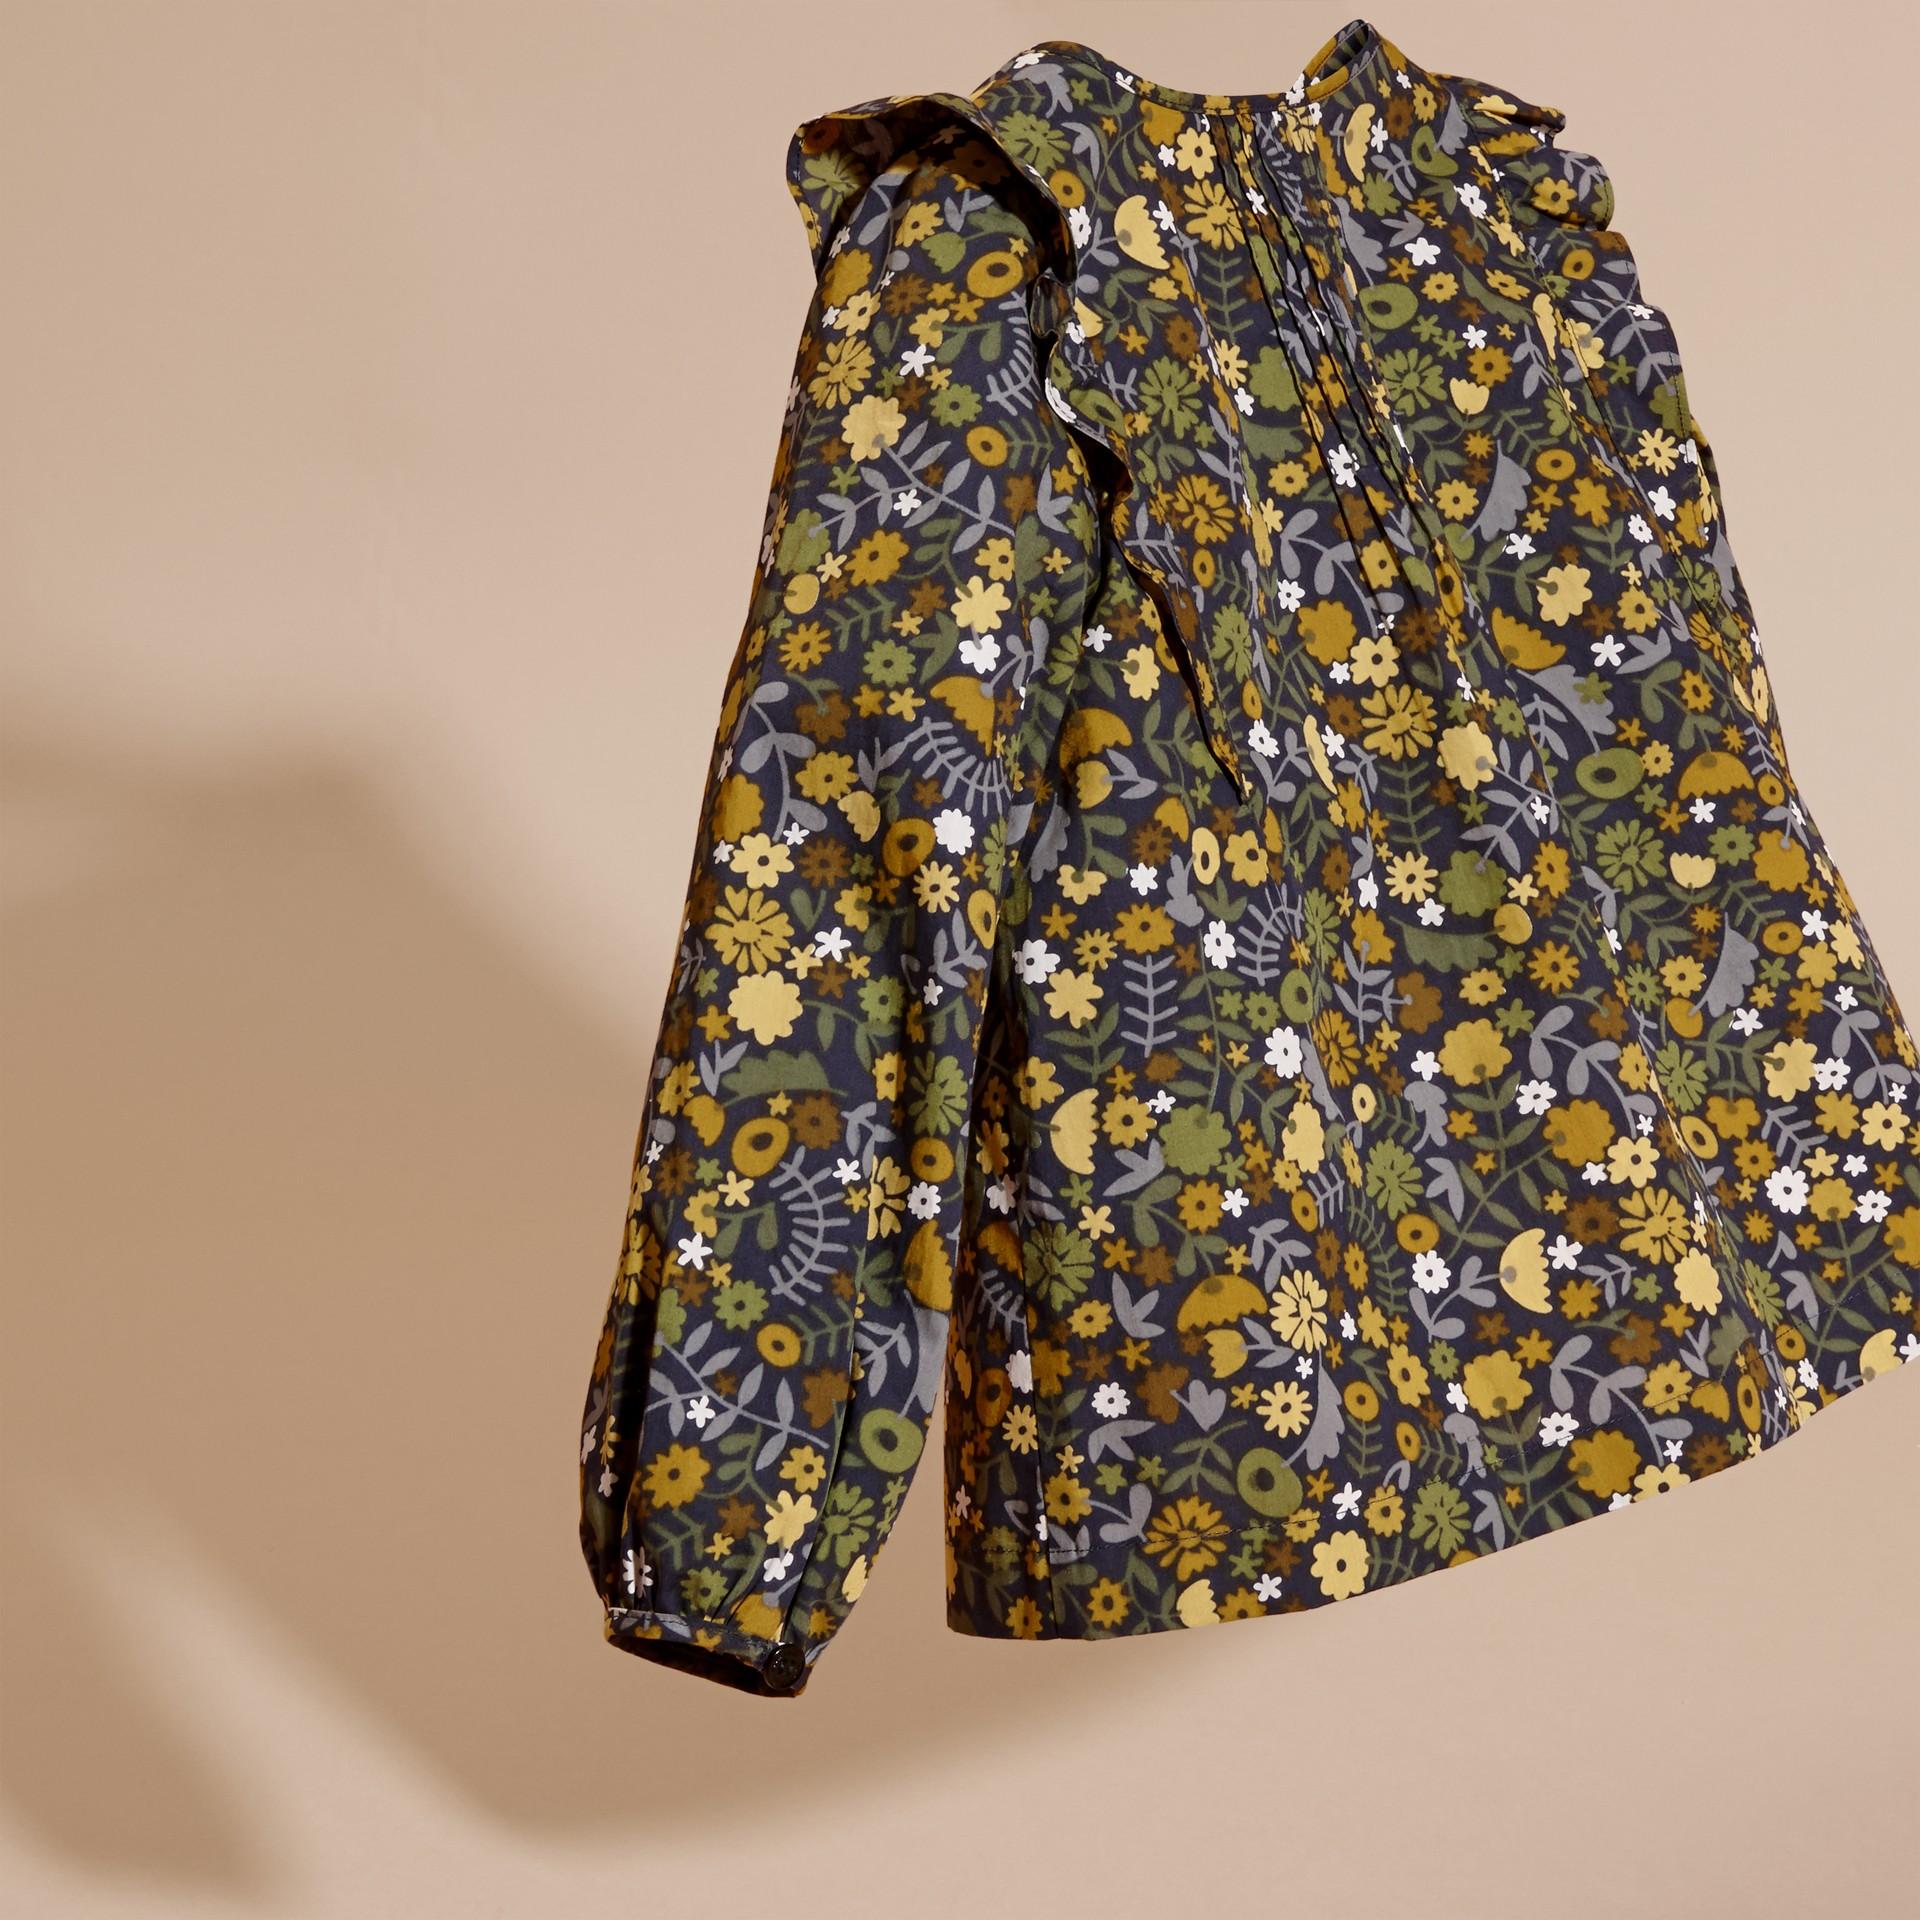 淡灰茶晶色 褶飾細節花朵印花棉質襯衫 淡灰茶晶色 - 圖庫照片 4